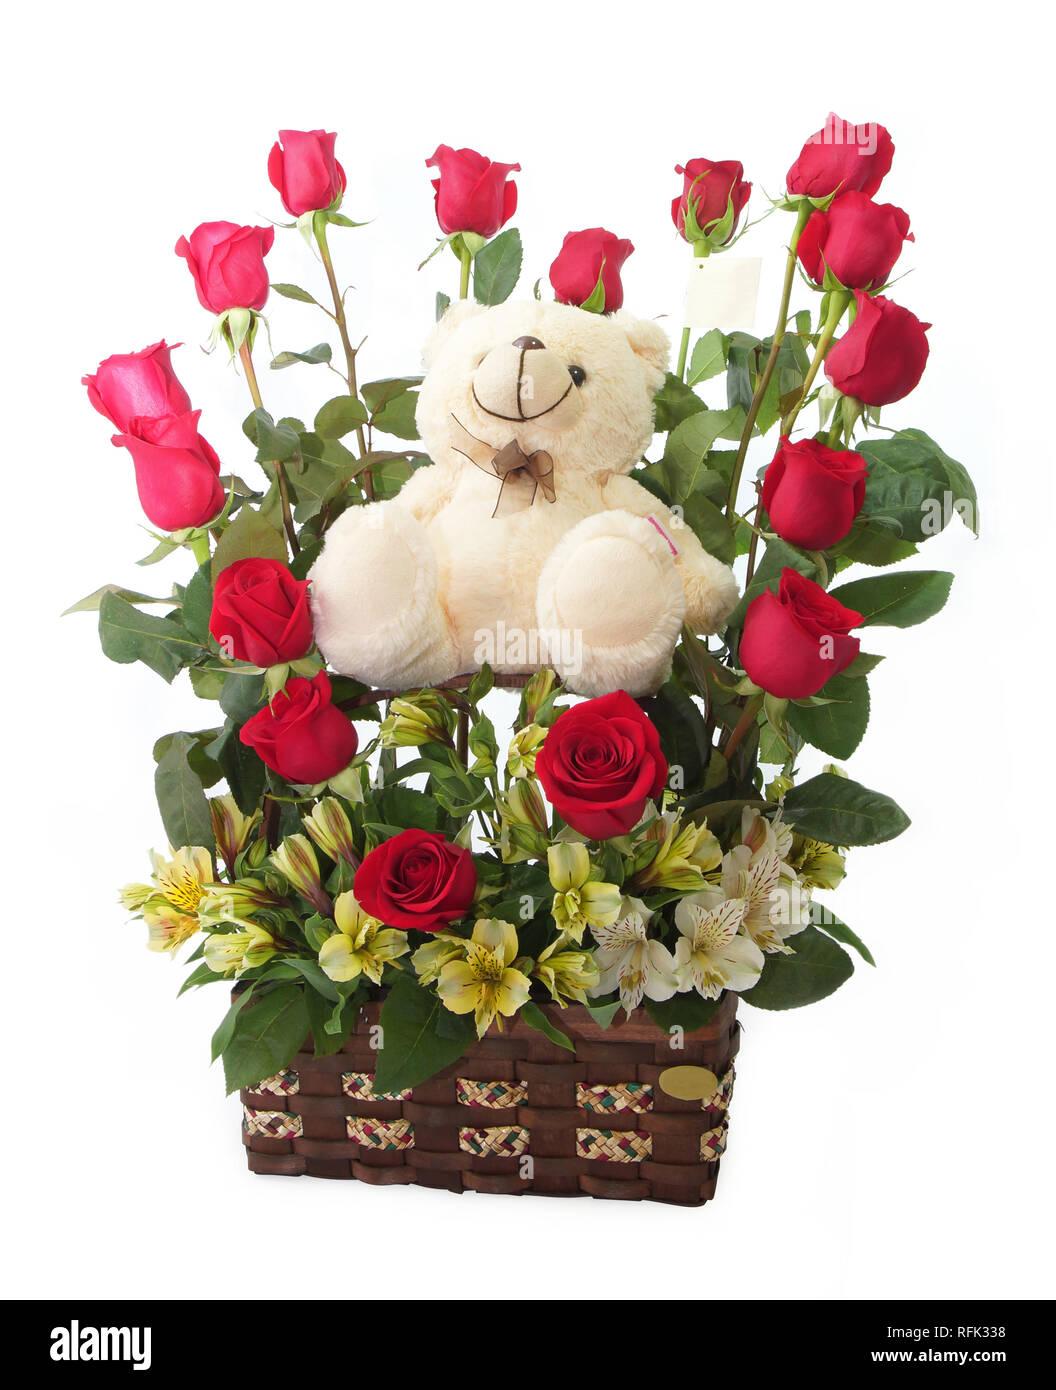 Regalo Floral Arreglo Con Rosas Rojas Con Tallos Largos